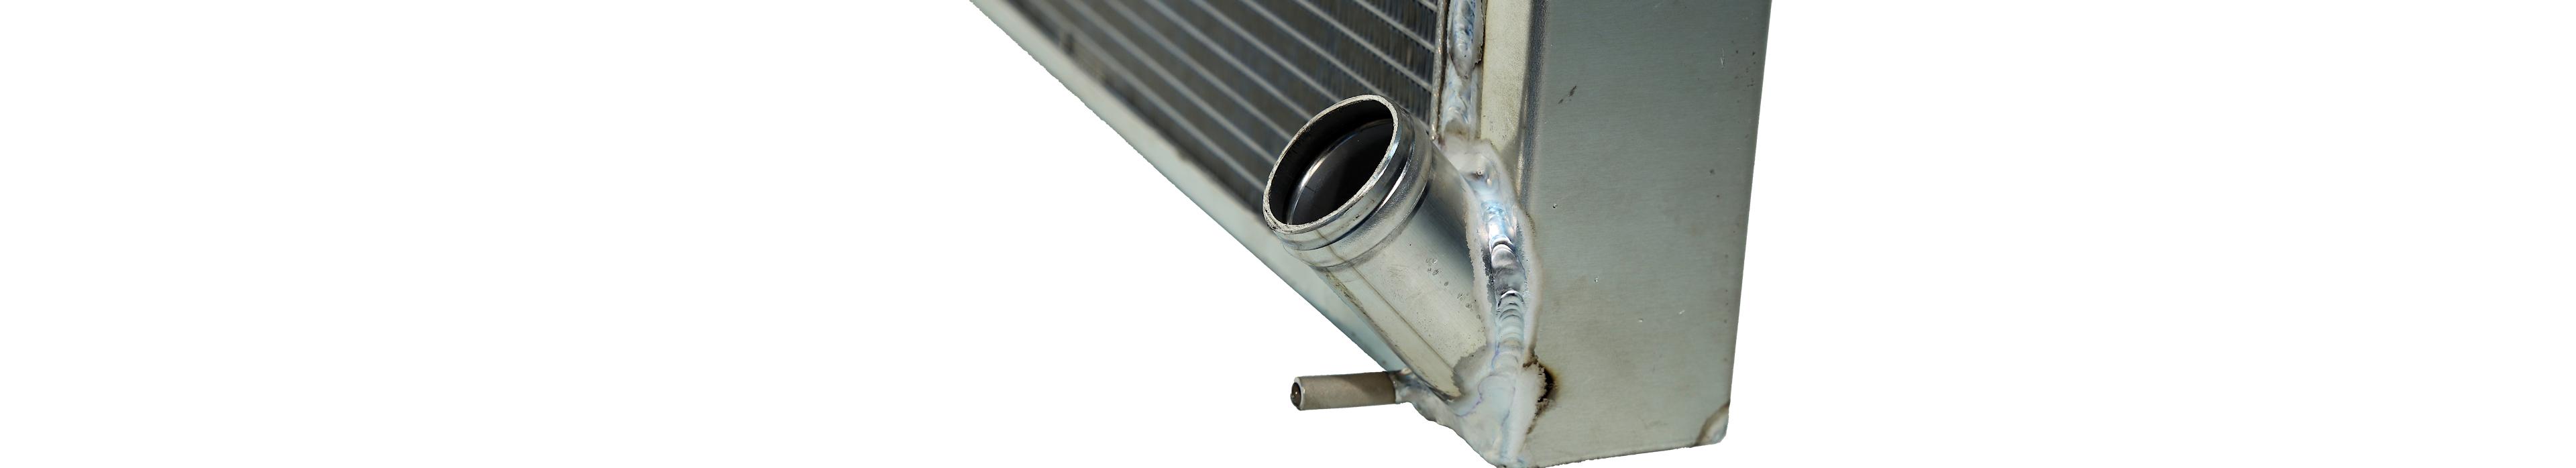 Lassen radiateur in iedere vorm www.carcoolsystems.nl